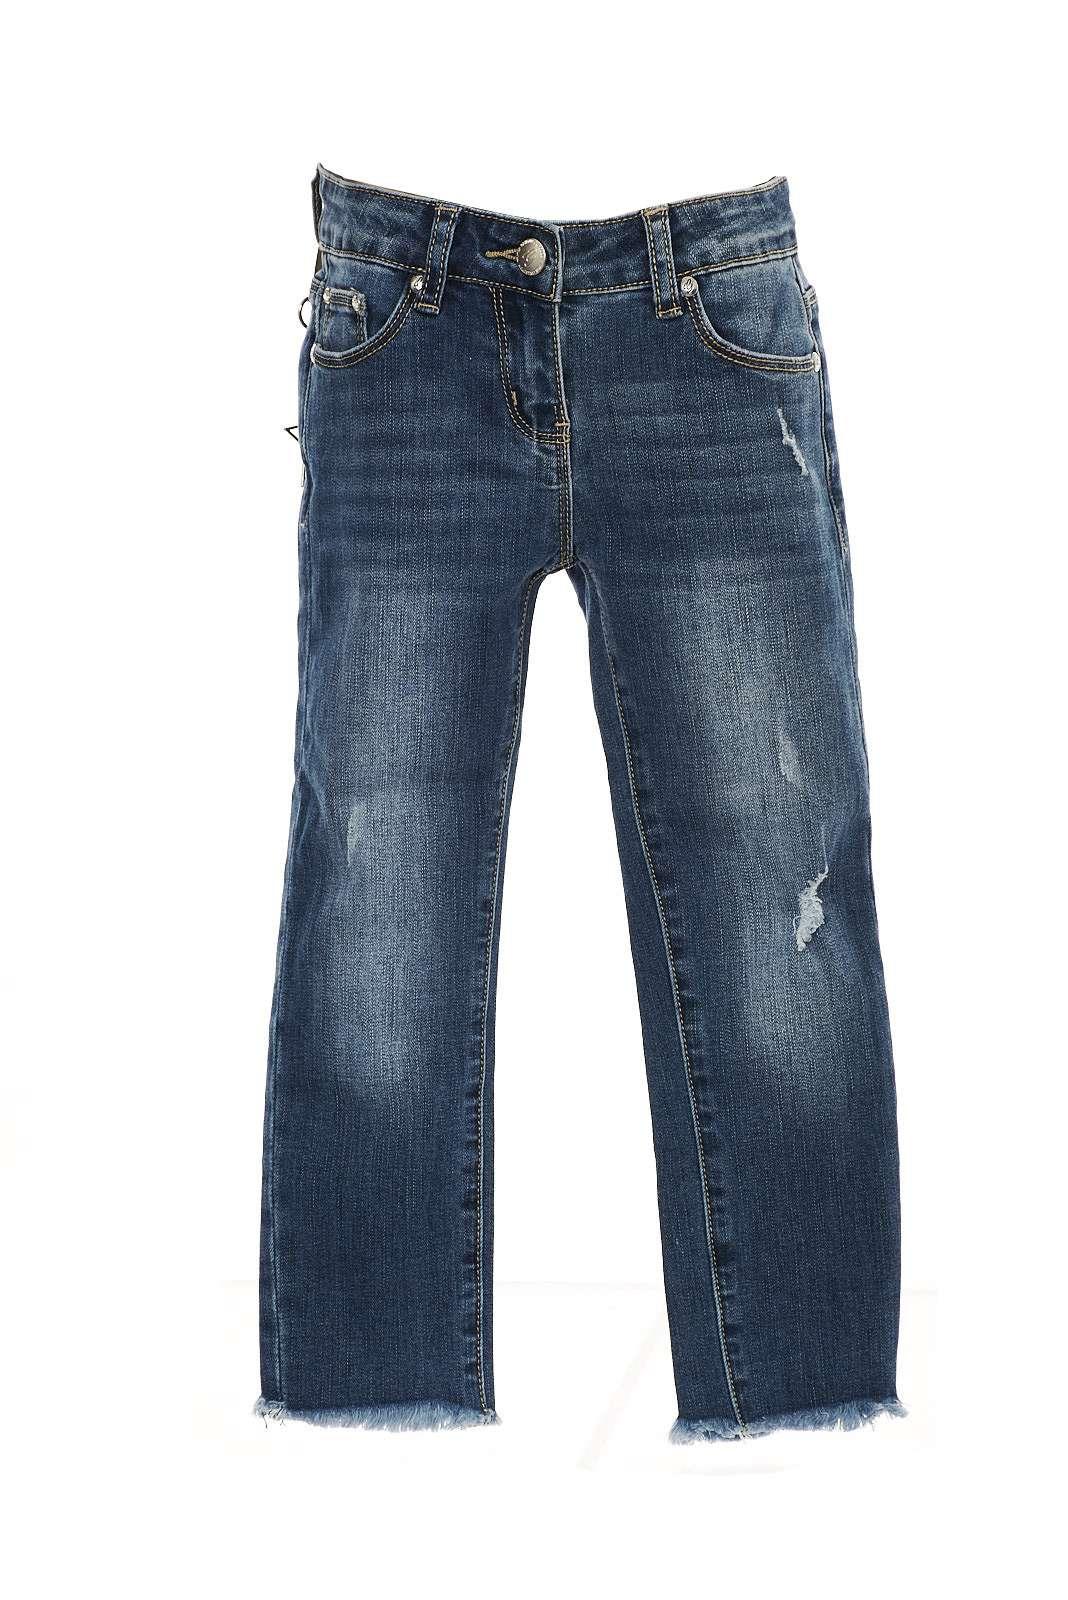 Il jeans Gaialuna dalla linea slim con piccole usure e leggere sfumature, con bordi sfrangiati abbinabile con qualsiasi t shirt o maglia.